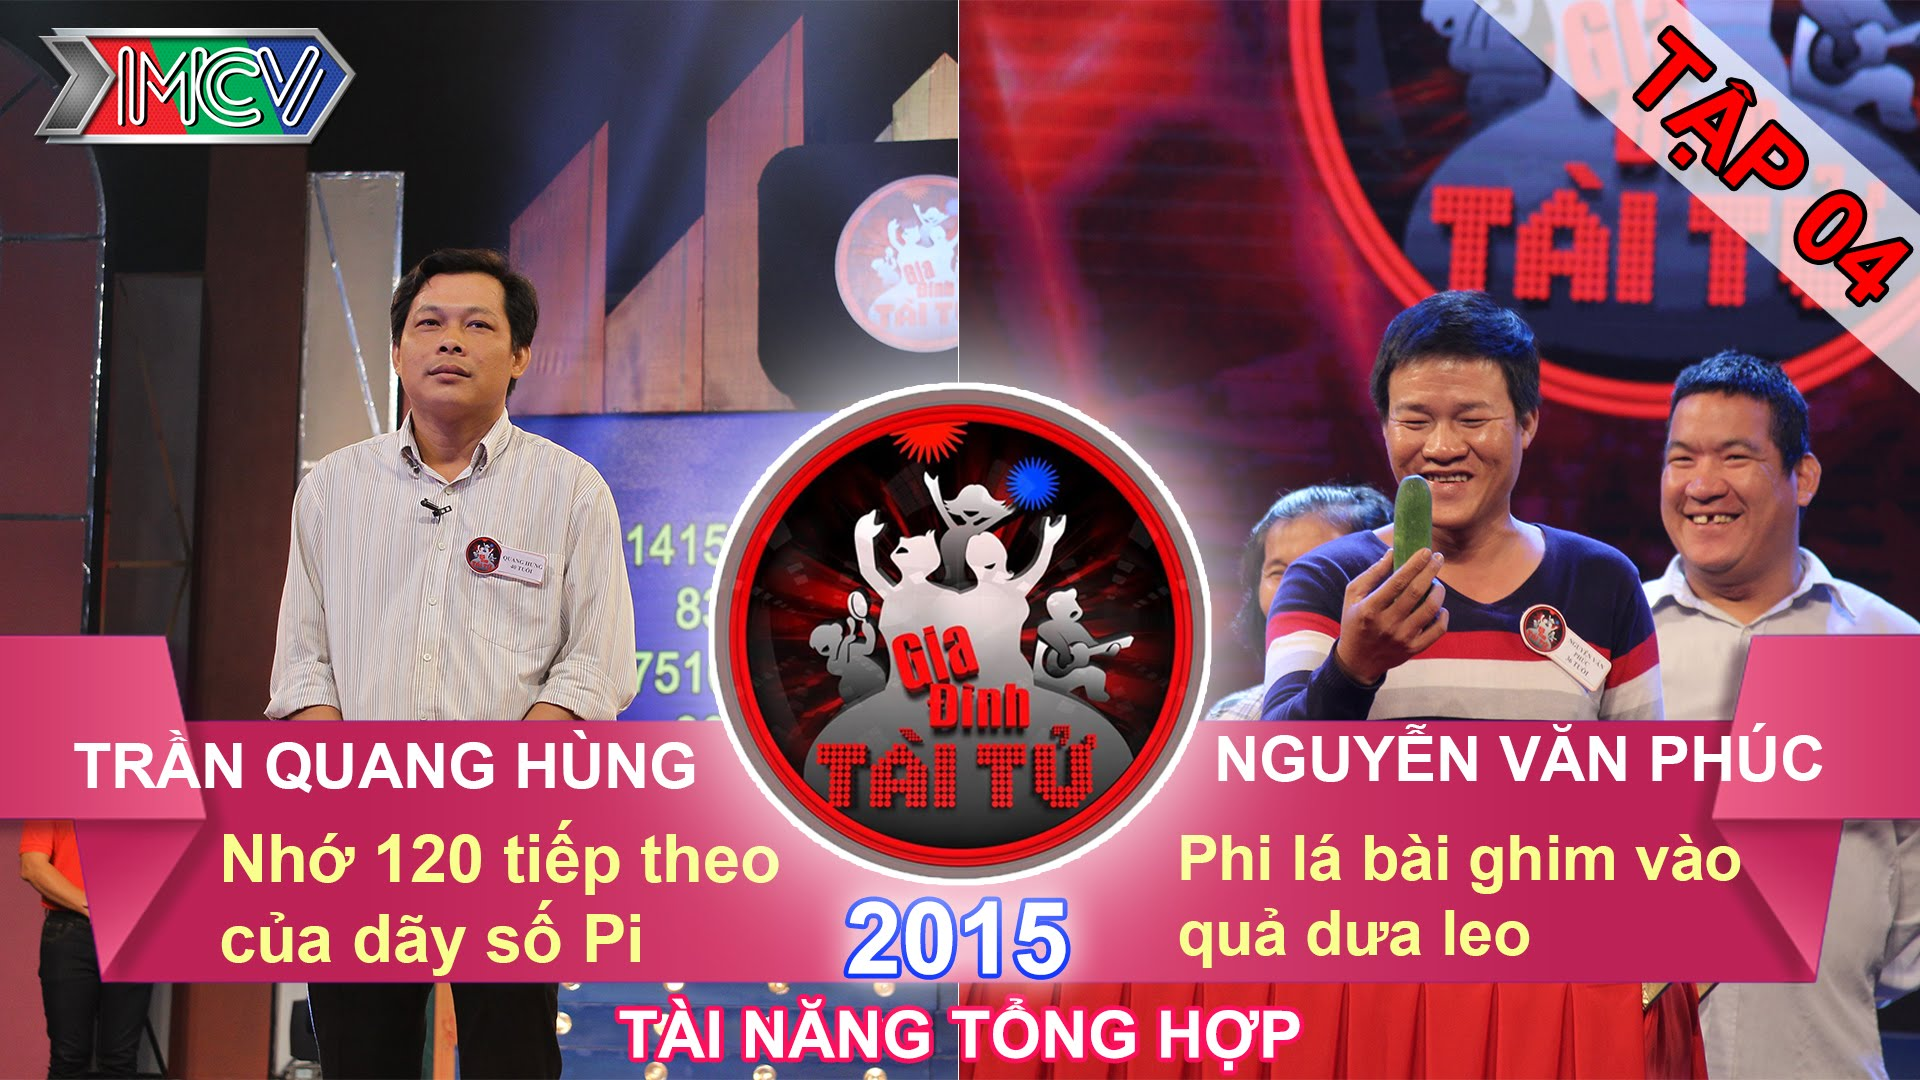 gia-dinh-tai-tu-phi-bai-ghim-dua-leo-nho-120-so-tiep-theo-so-pi-tap-4